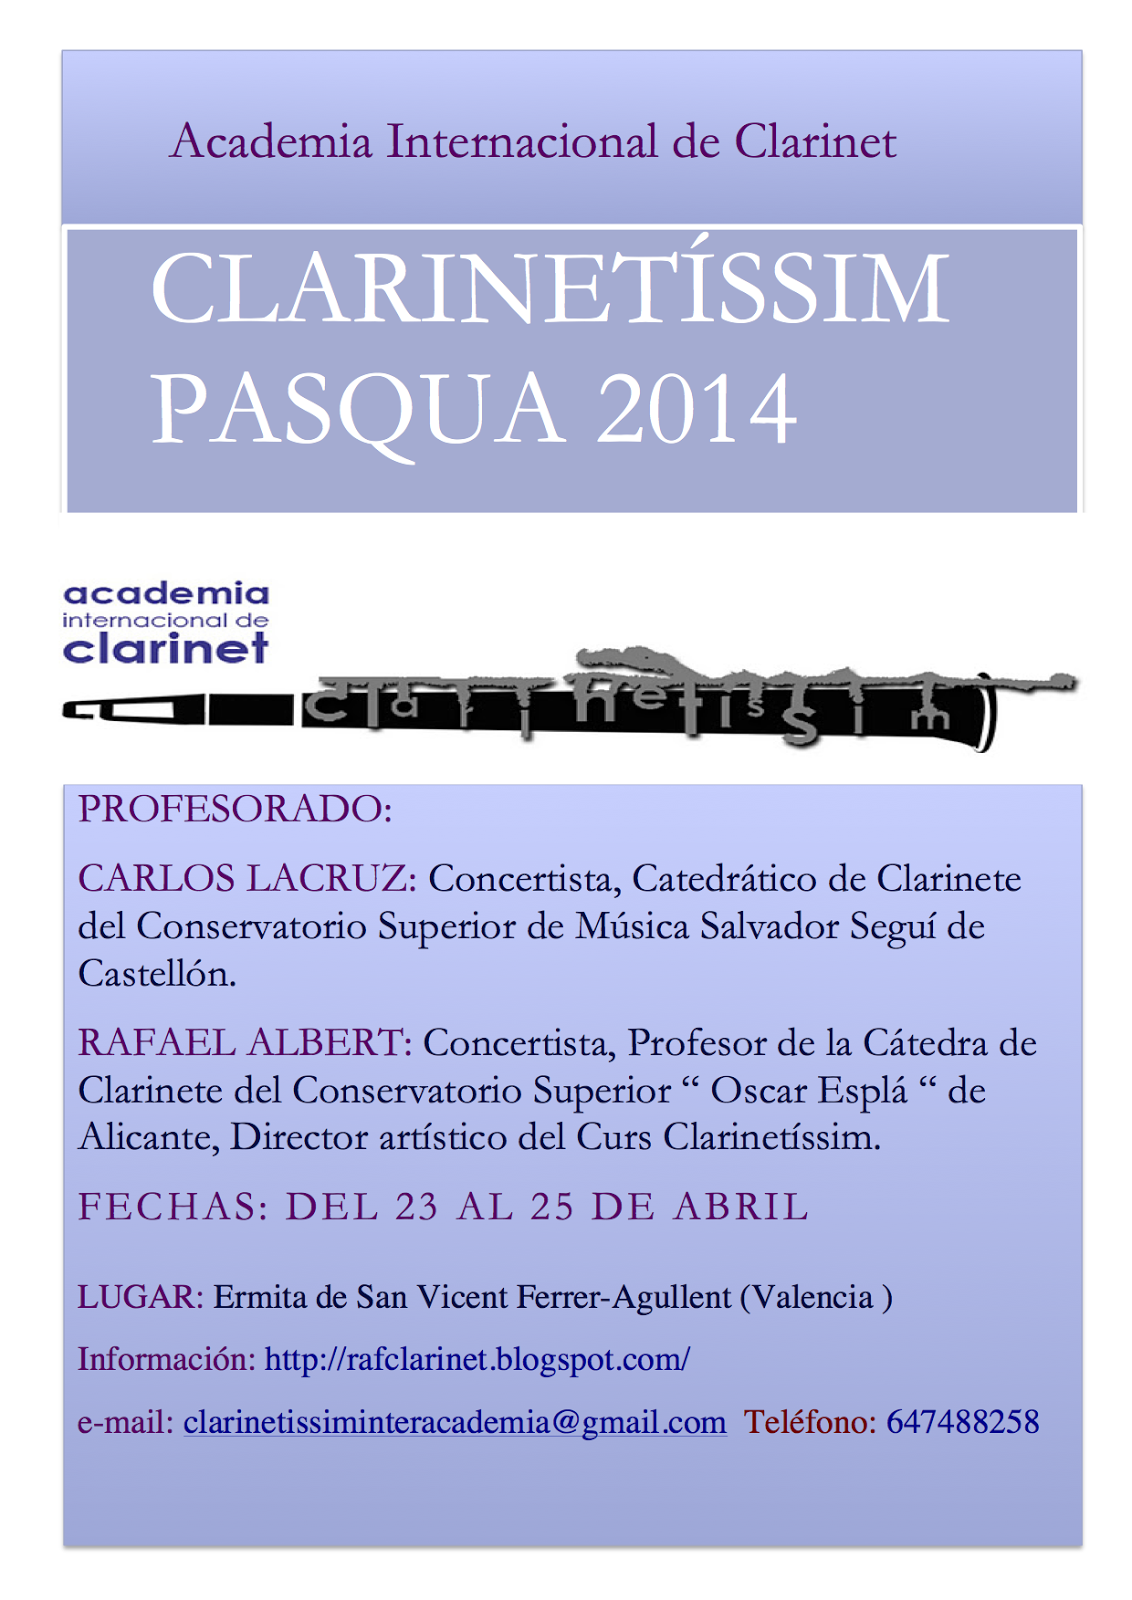 Curso Clarinetissim +Cartell+Clarineti%CC%81ssim+Pasqua+2014